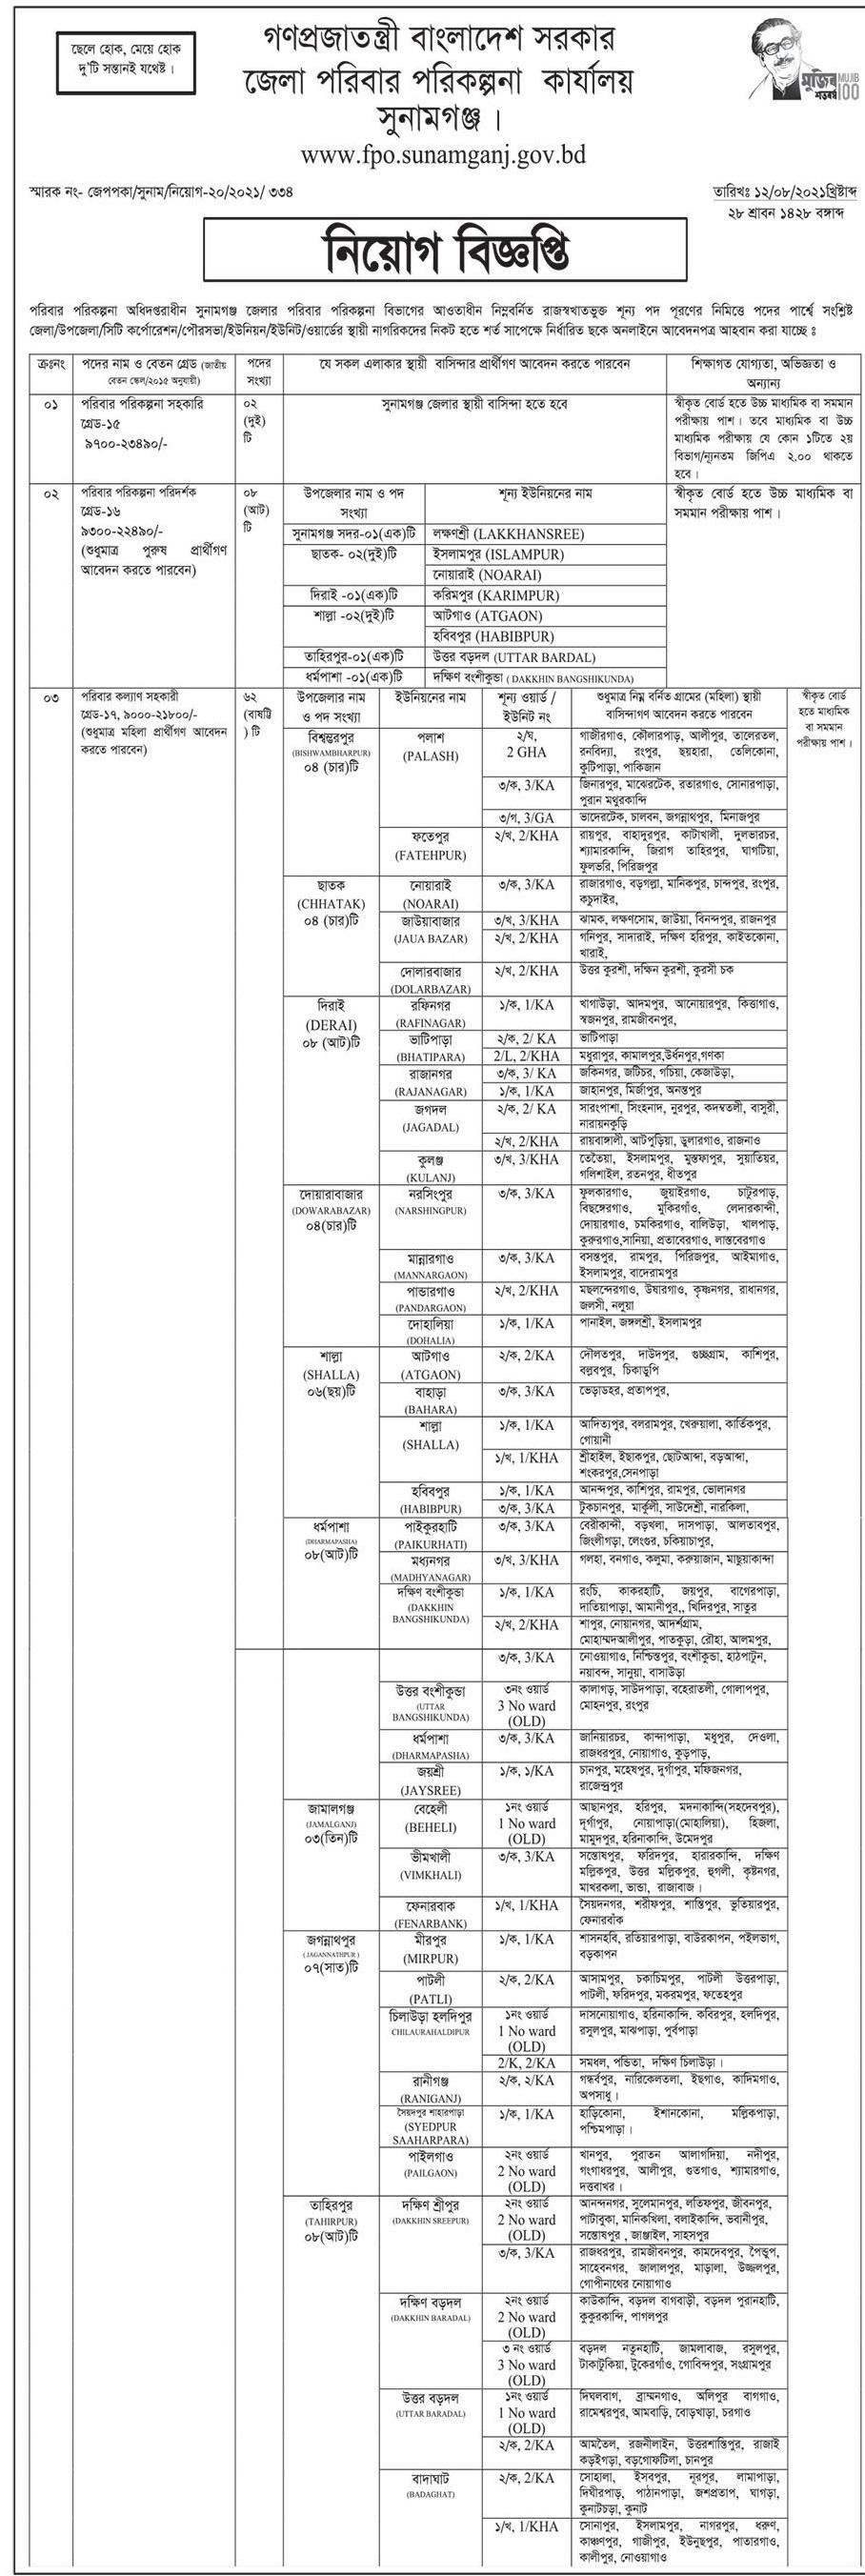 সুনামগঞ্জ জেলা পরিবার পরিকল্পনা নিয়োগ বিজ্ঞপ্তি ২০২১ - Sunamganj District Family Planning Job Circular 2021 - পরিবার পরিকল্পনা নিয়োগ বিজ্ঞপ্তি ২০২১